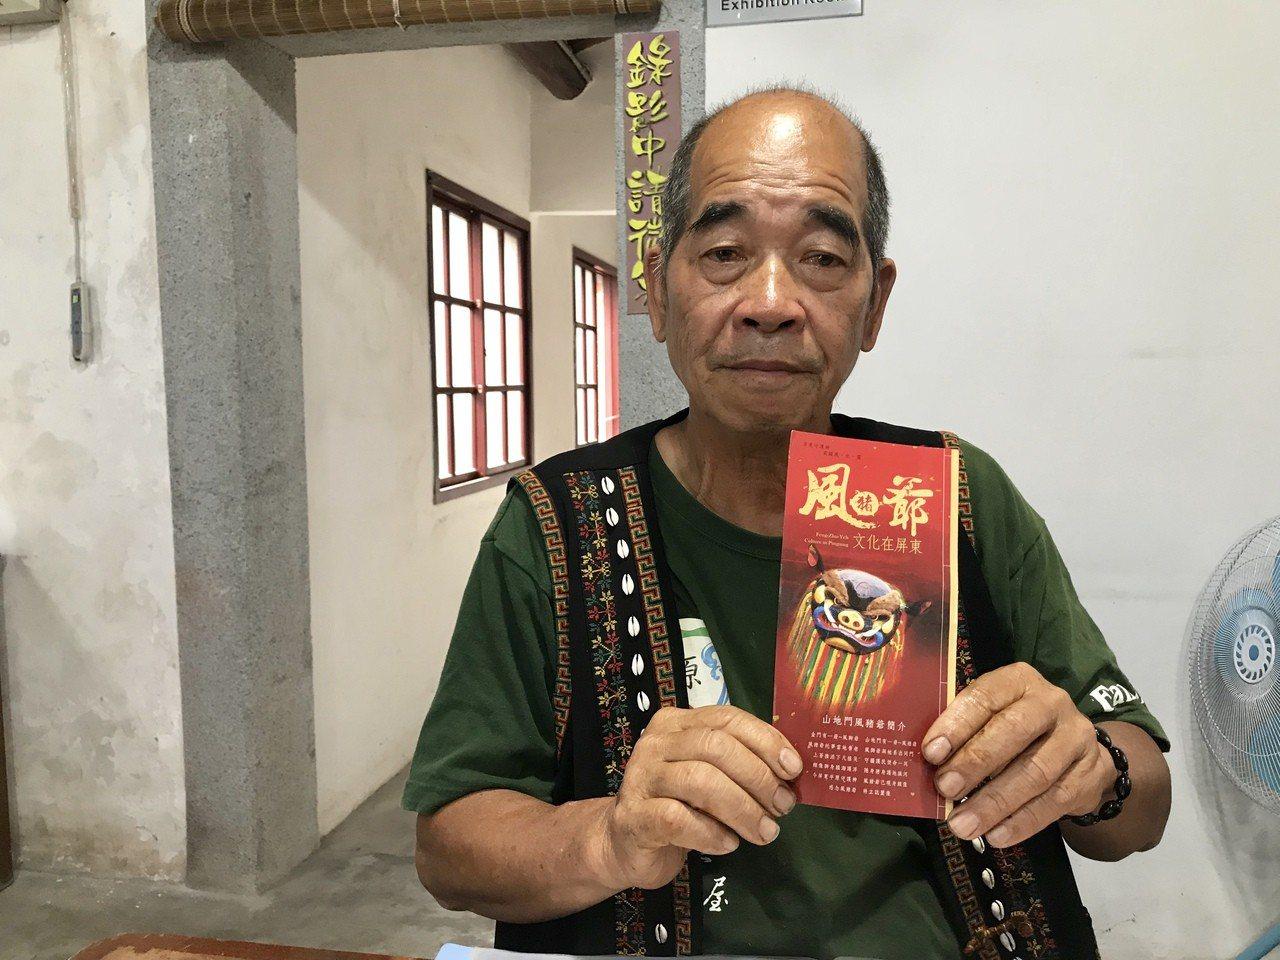 「風豬爺」原創者周文寬表示,編造「風豬爺」的鄉野傳說,是因熱愛屏東才以金門「風獅...